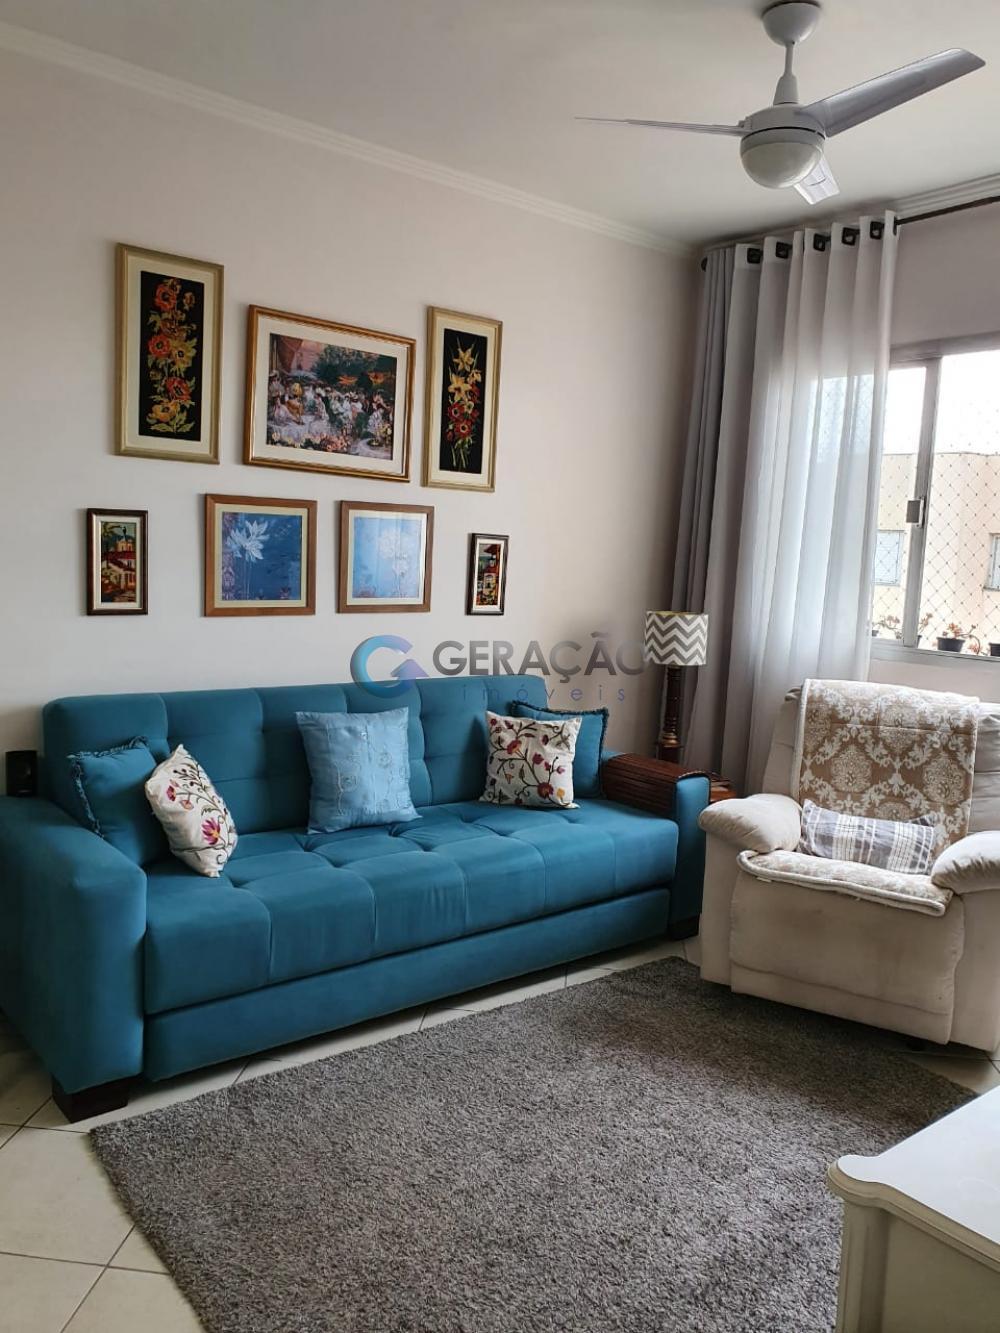 Comprar Apartamento / Padrão em São José dos Campos R$ 330.000,00 - Foto 2